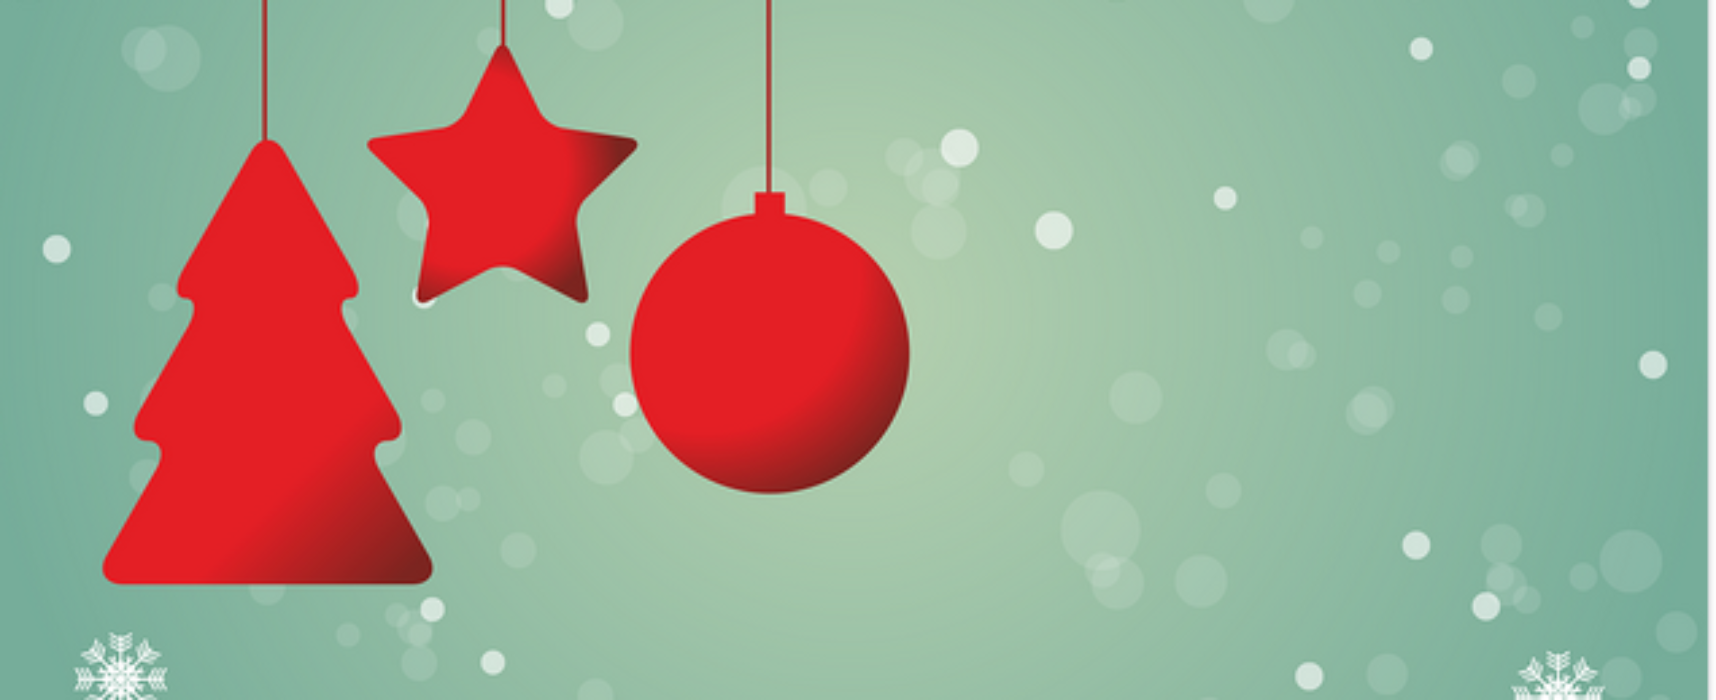 Weihnachten: Fest der Liebe aber auch für viele der Einsamkeit